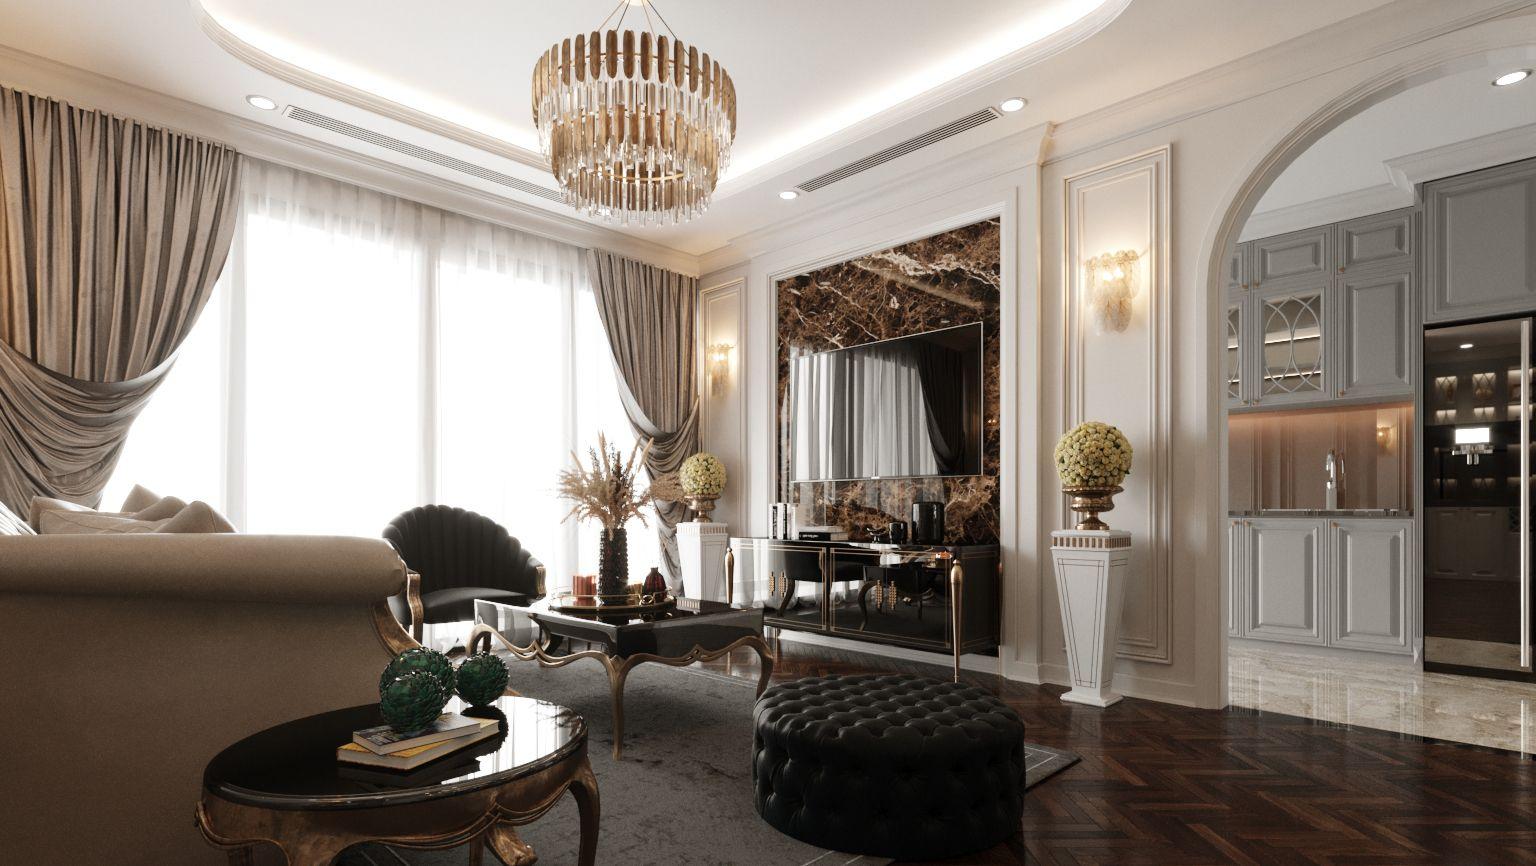 thiết kế nội thất căn hộ vinhomes westpoint